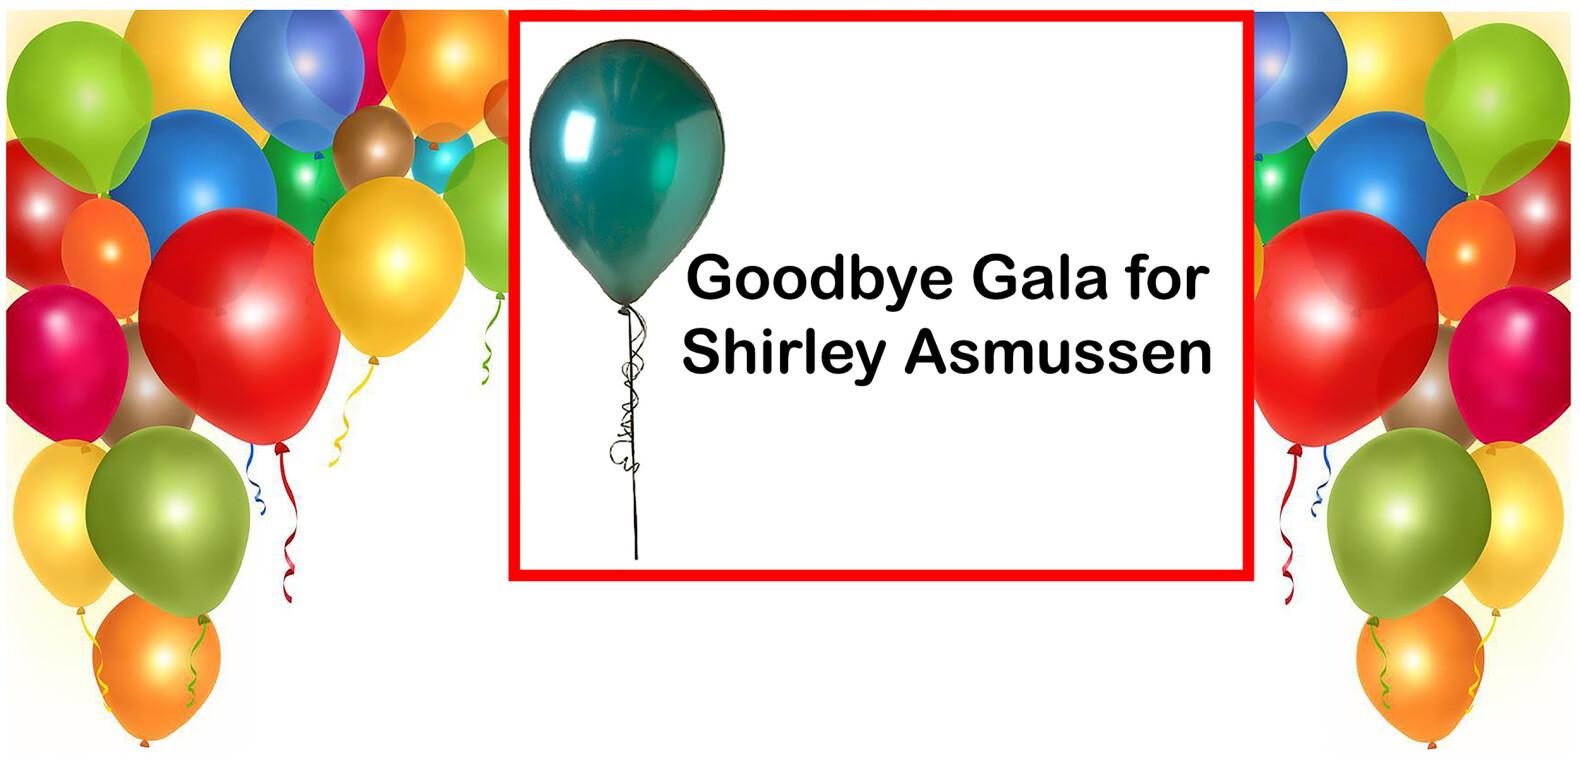 Goodbye Gala